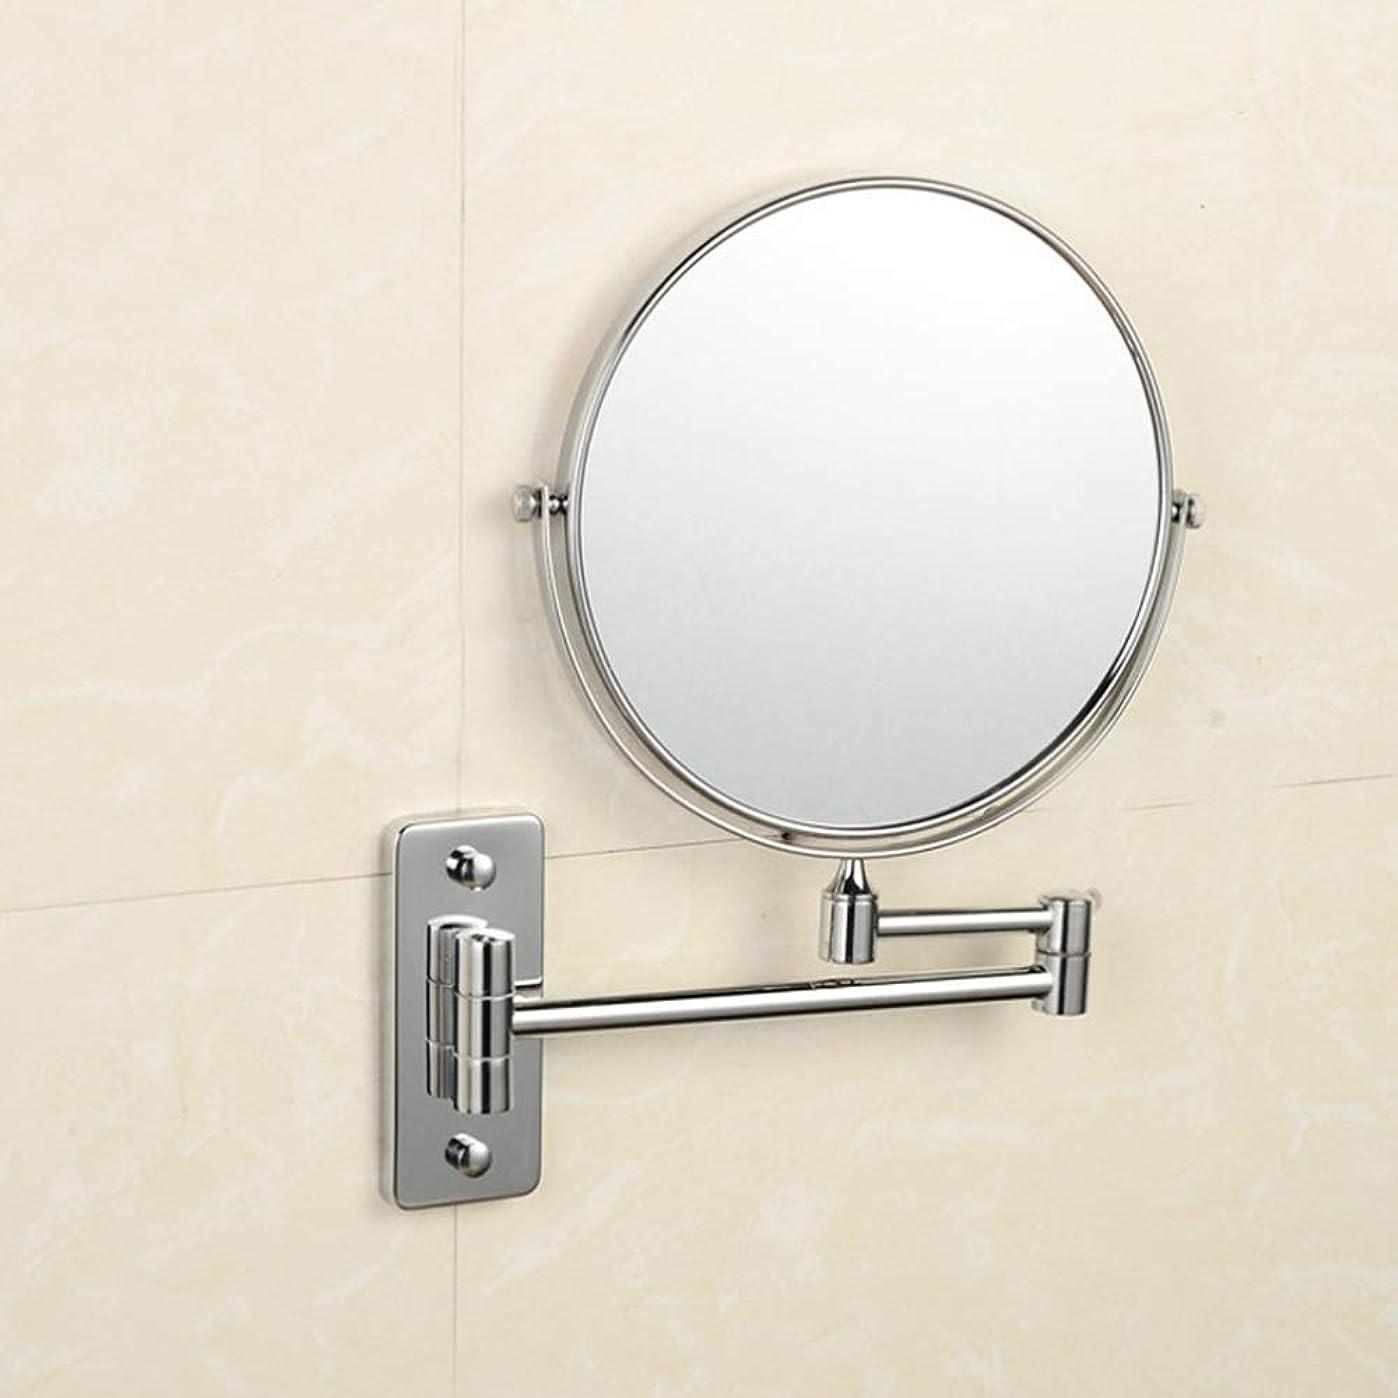 征服者ばかげている正確HYH 銅浴室鏡折りたたみ伸縮性格人格美人表裏面360度回転壁掛け虫眼鏡ミラーシルバーホームビューティーミラー浴室 美しい人生